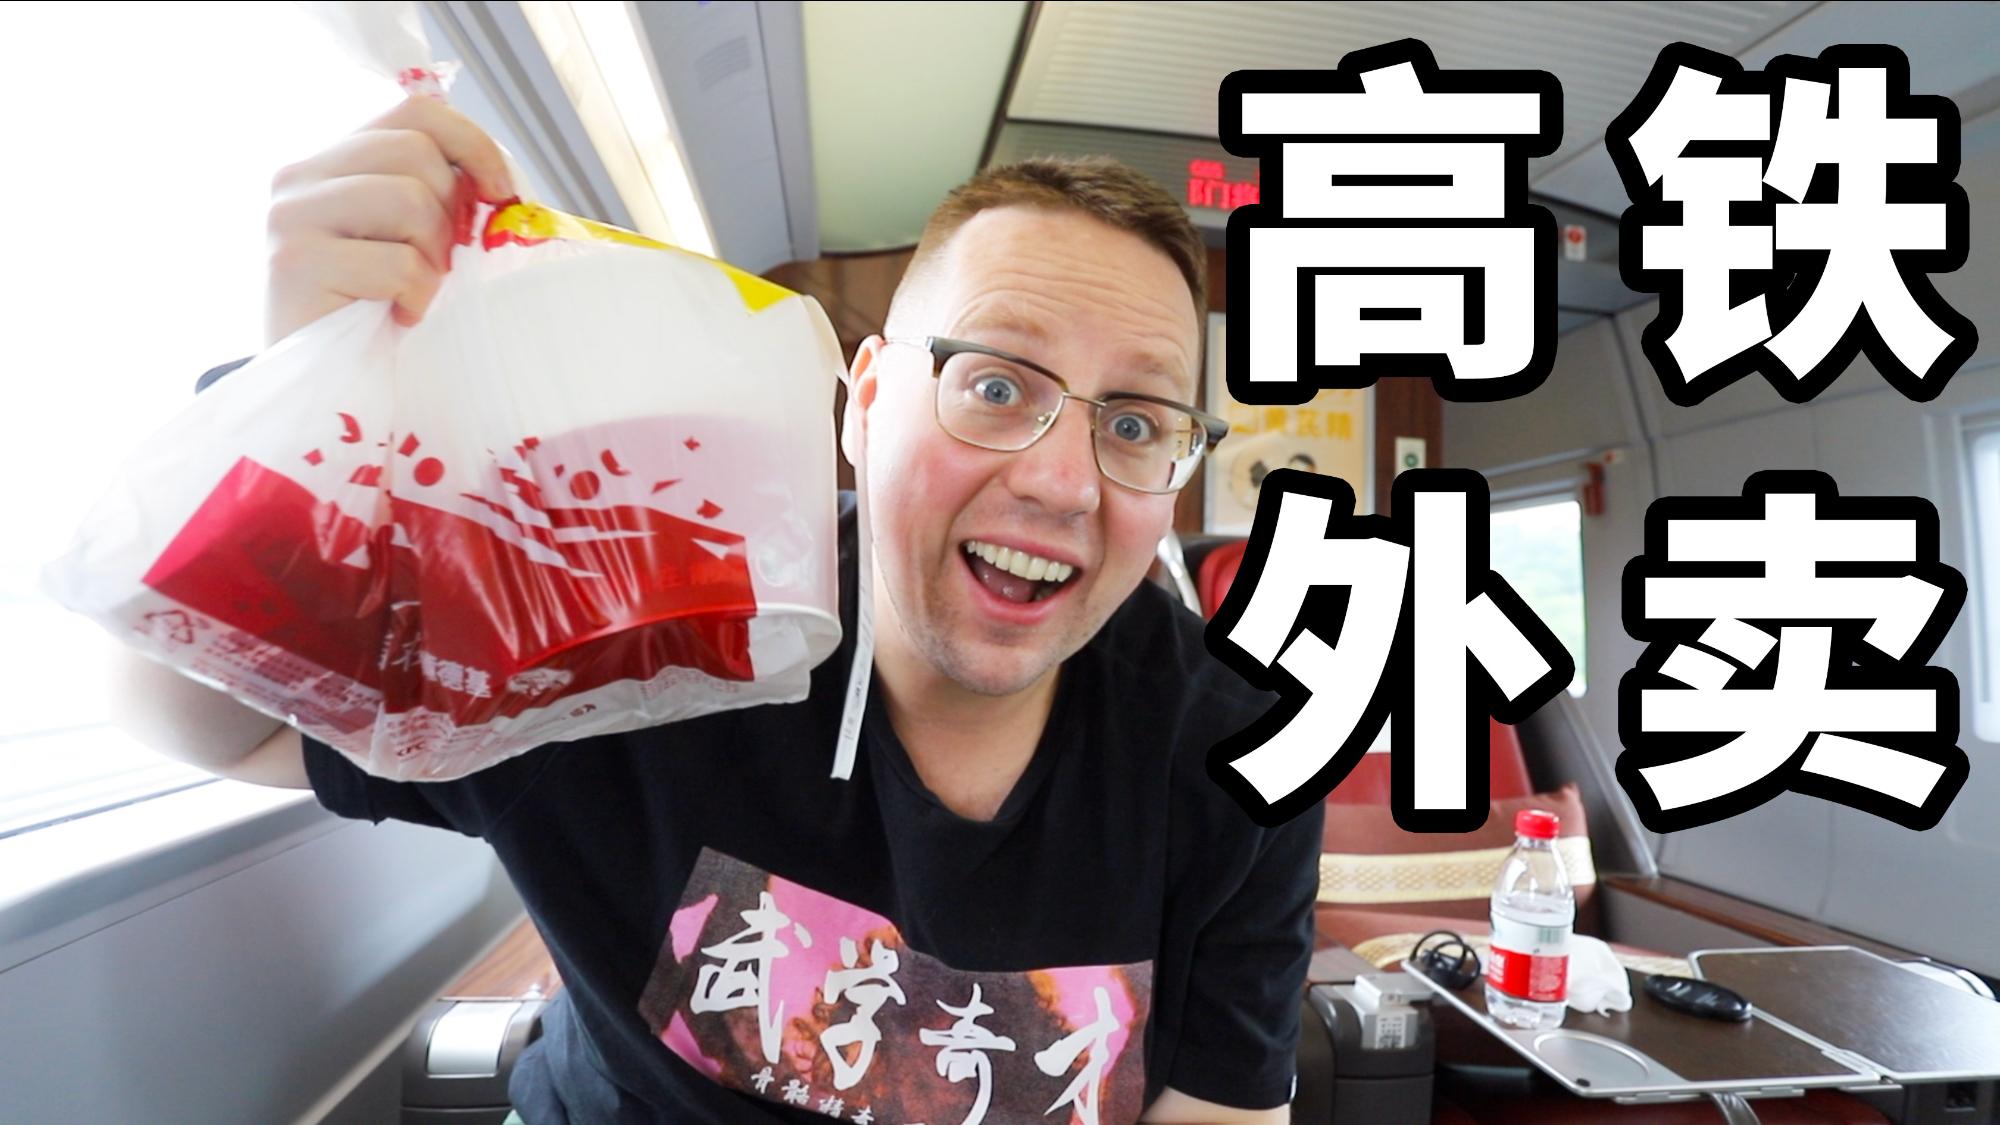 在中国的高铁上居然还能点外卖!?没想到他们的送餐方式竟然是。。。